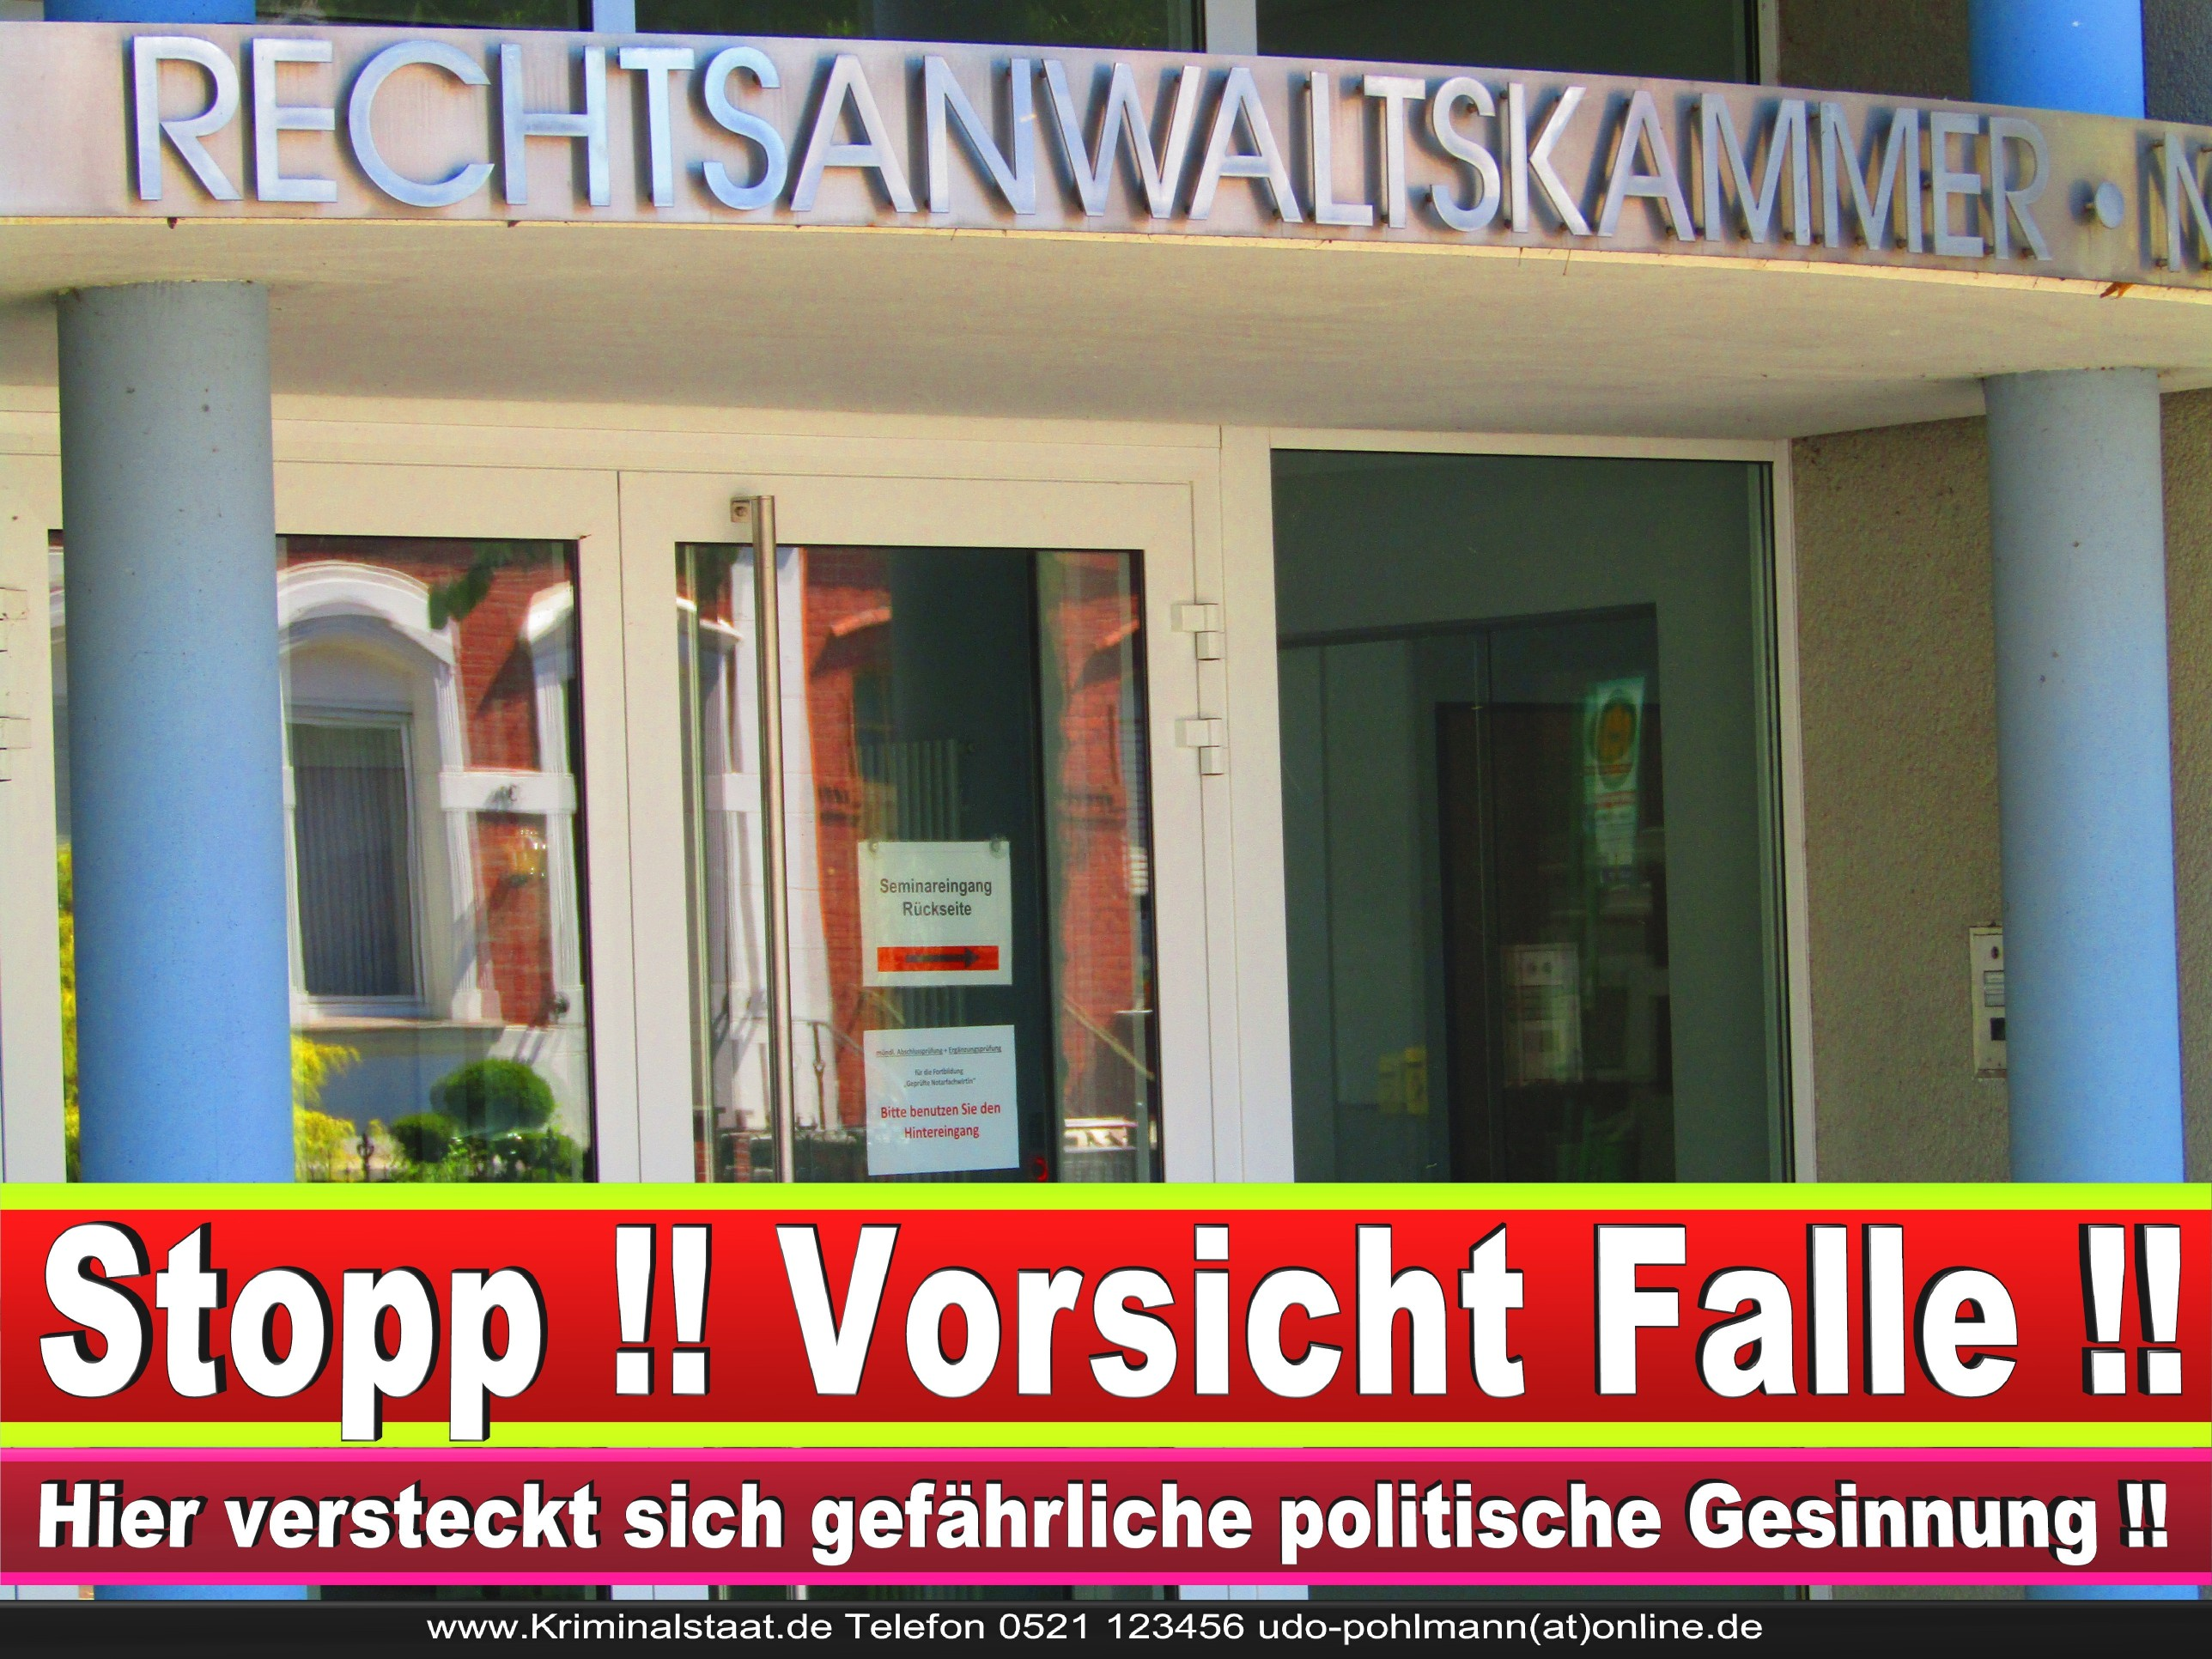 Rechtsanwaltskammer Hamm NRW Justizminister Rechtsanwalt Notar Vermögensverfall Urteil Rechtsprechung CDU SPD FDP Berufsordnung Rechtsanwälte Rechtsprechung (24)